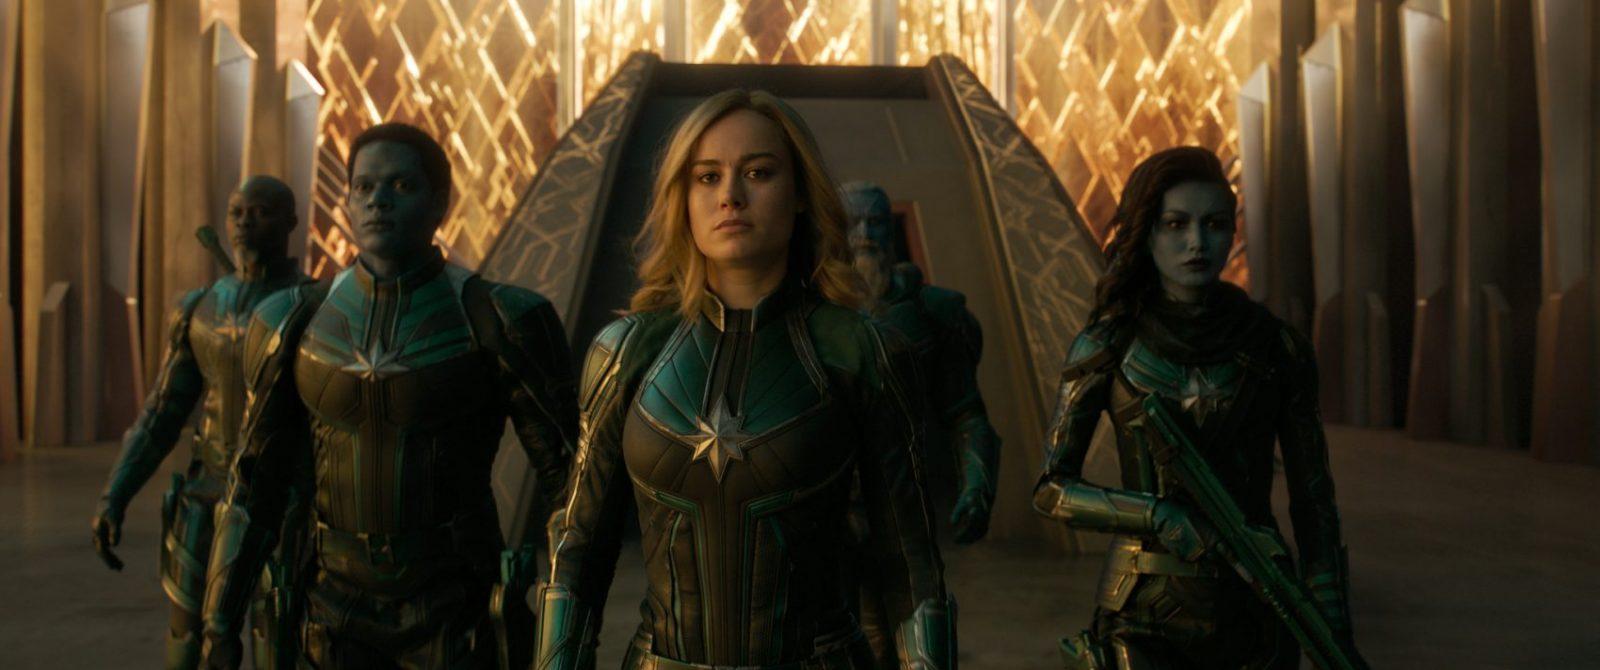 Aktualnie w kinie #222: Kapitan Marvel